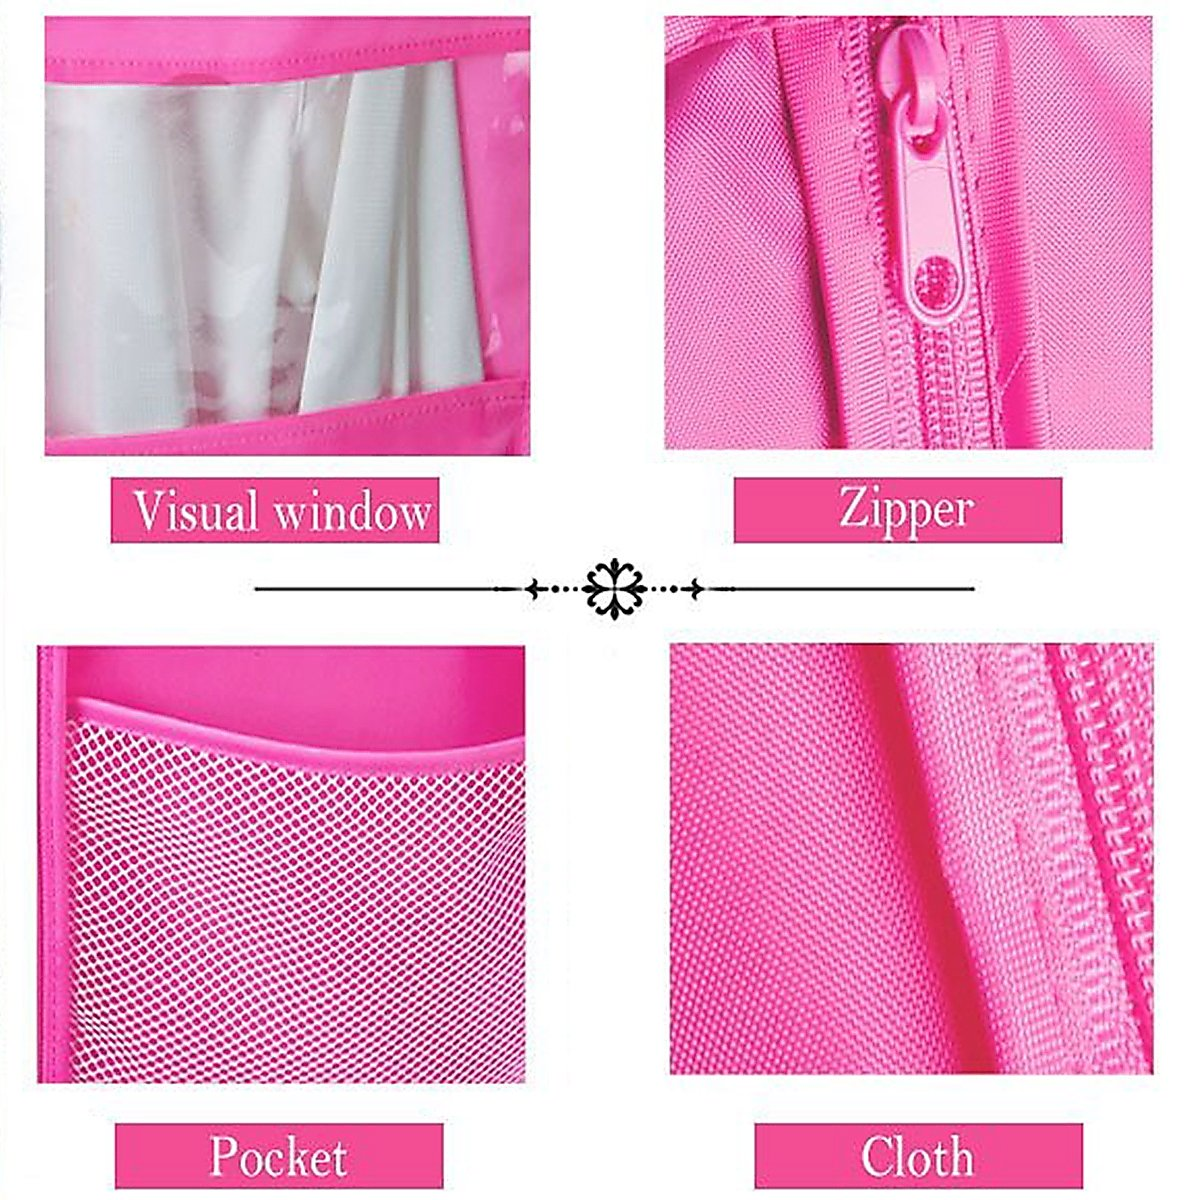 Kernorv Garment Bags for Dance Costumes, Set of 5 Breathable Dust-proof Garment Bags 51'' Dance Garment Bags with Clear Window for Dance Costumes, Dress, Jacket, Storage or Travel (Pink) by Kernorv (Image #4)